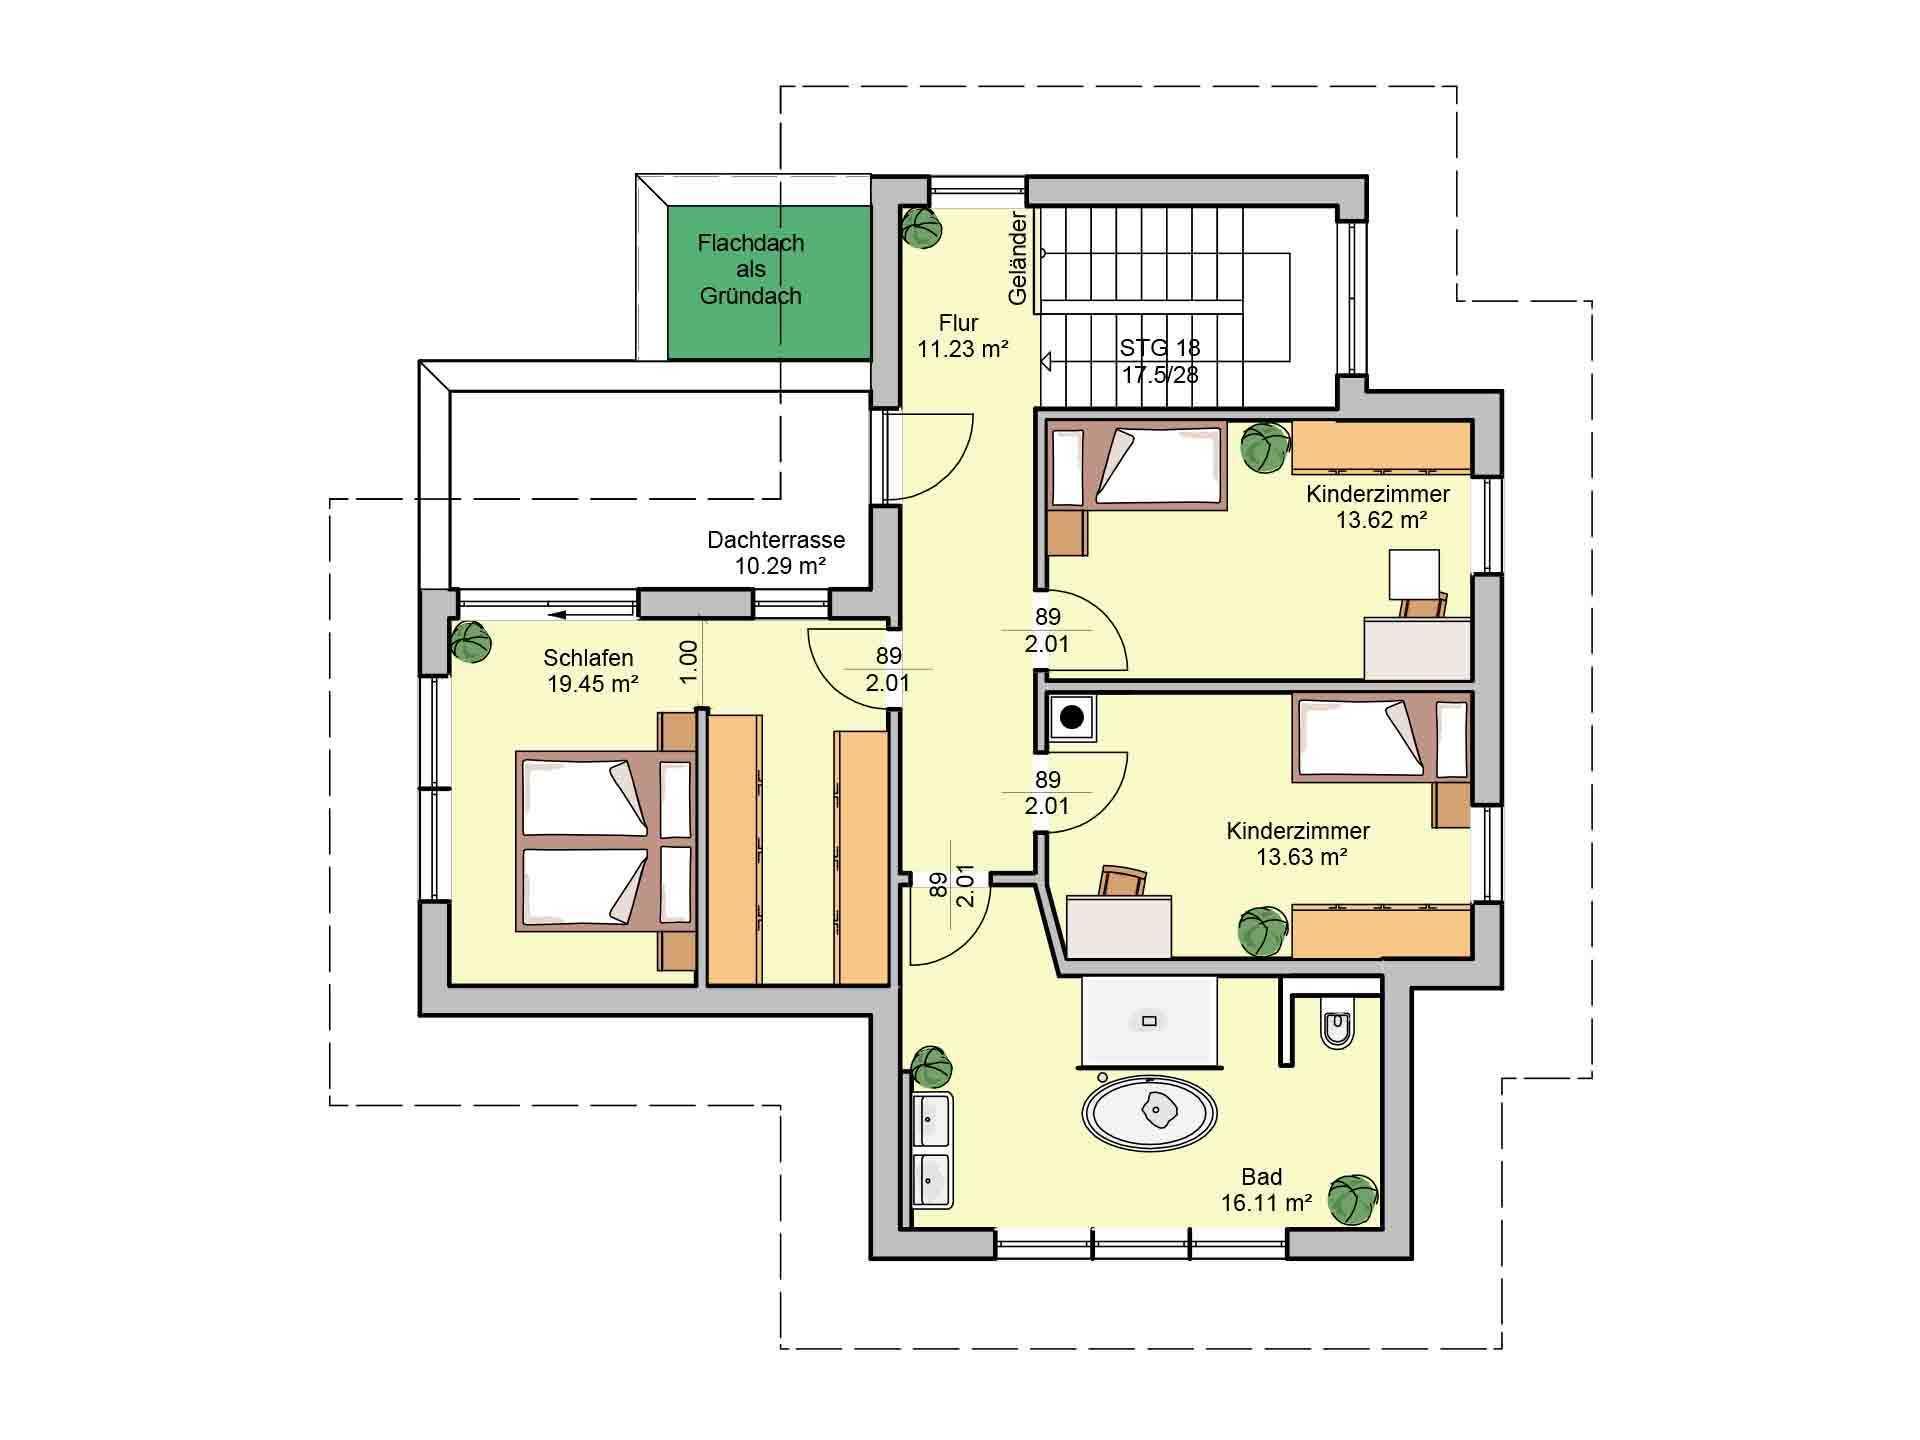 Elegant 168 (Musterhaus Fellbach) - Eine nahaufnahme von text auf einem weißen hintergrund - Gebäudeplan